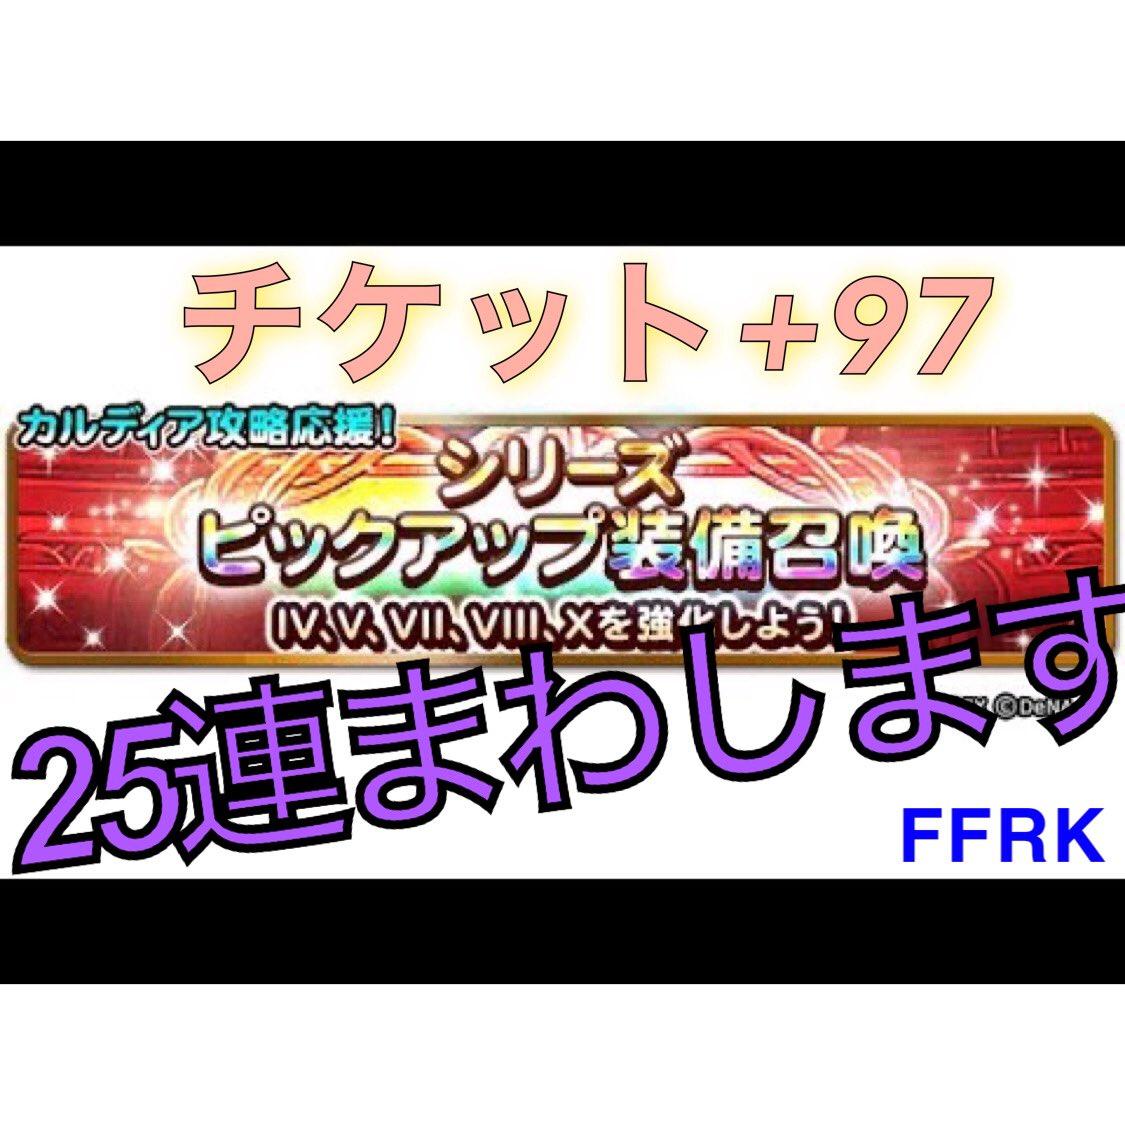 【FFRK】#761 カルディア攻略応援ガチャ20枚チケット+97で25連ガチャまわします!ドクターモグよ揺れてくれ!FF好きDJのファイナルフ...  @YouTubeよりそっそくまわしてみました!応援された皆様おめでとうございます🎉僕は…動画見ていただけたら嬉しいです#FFRK